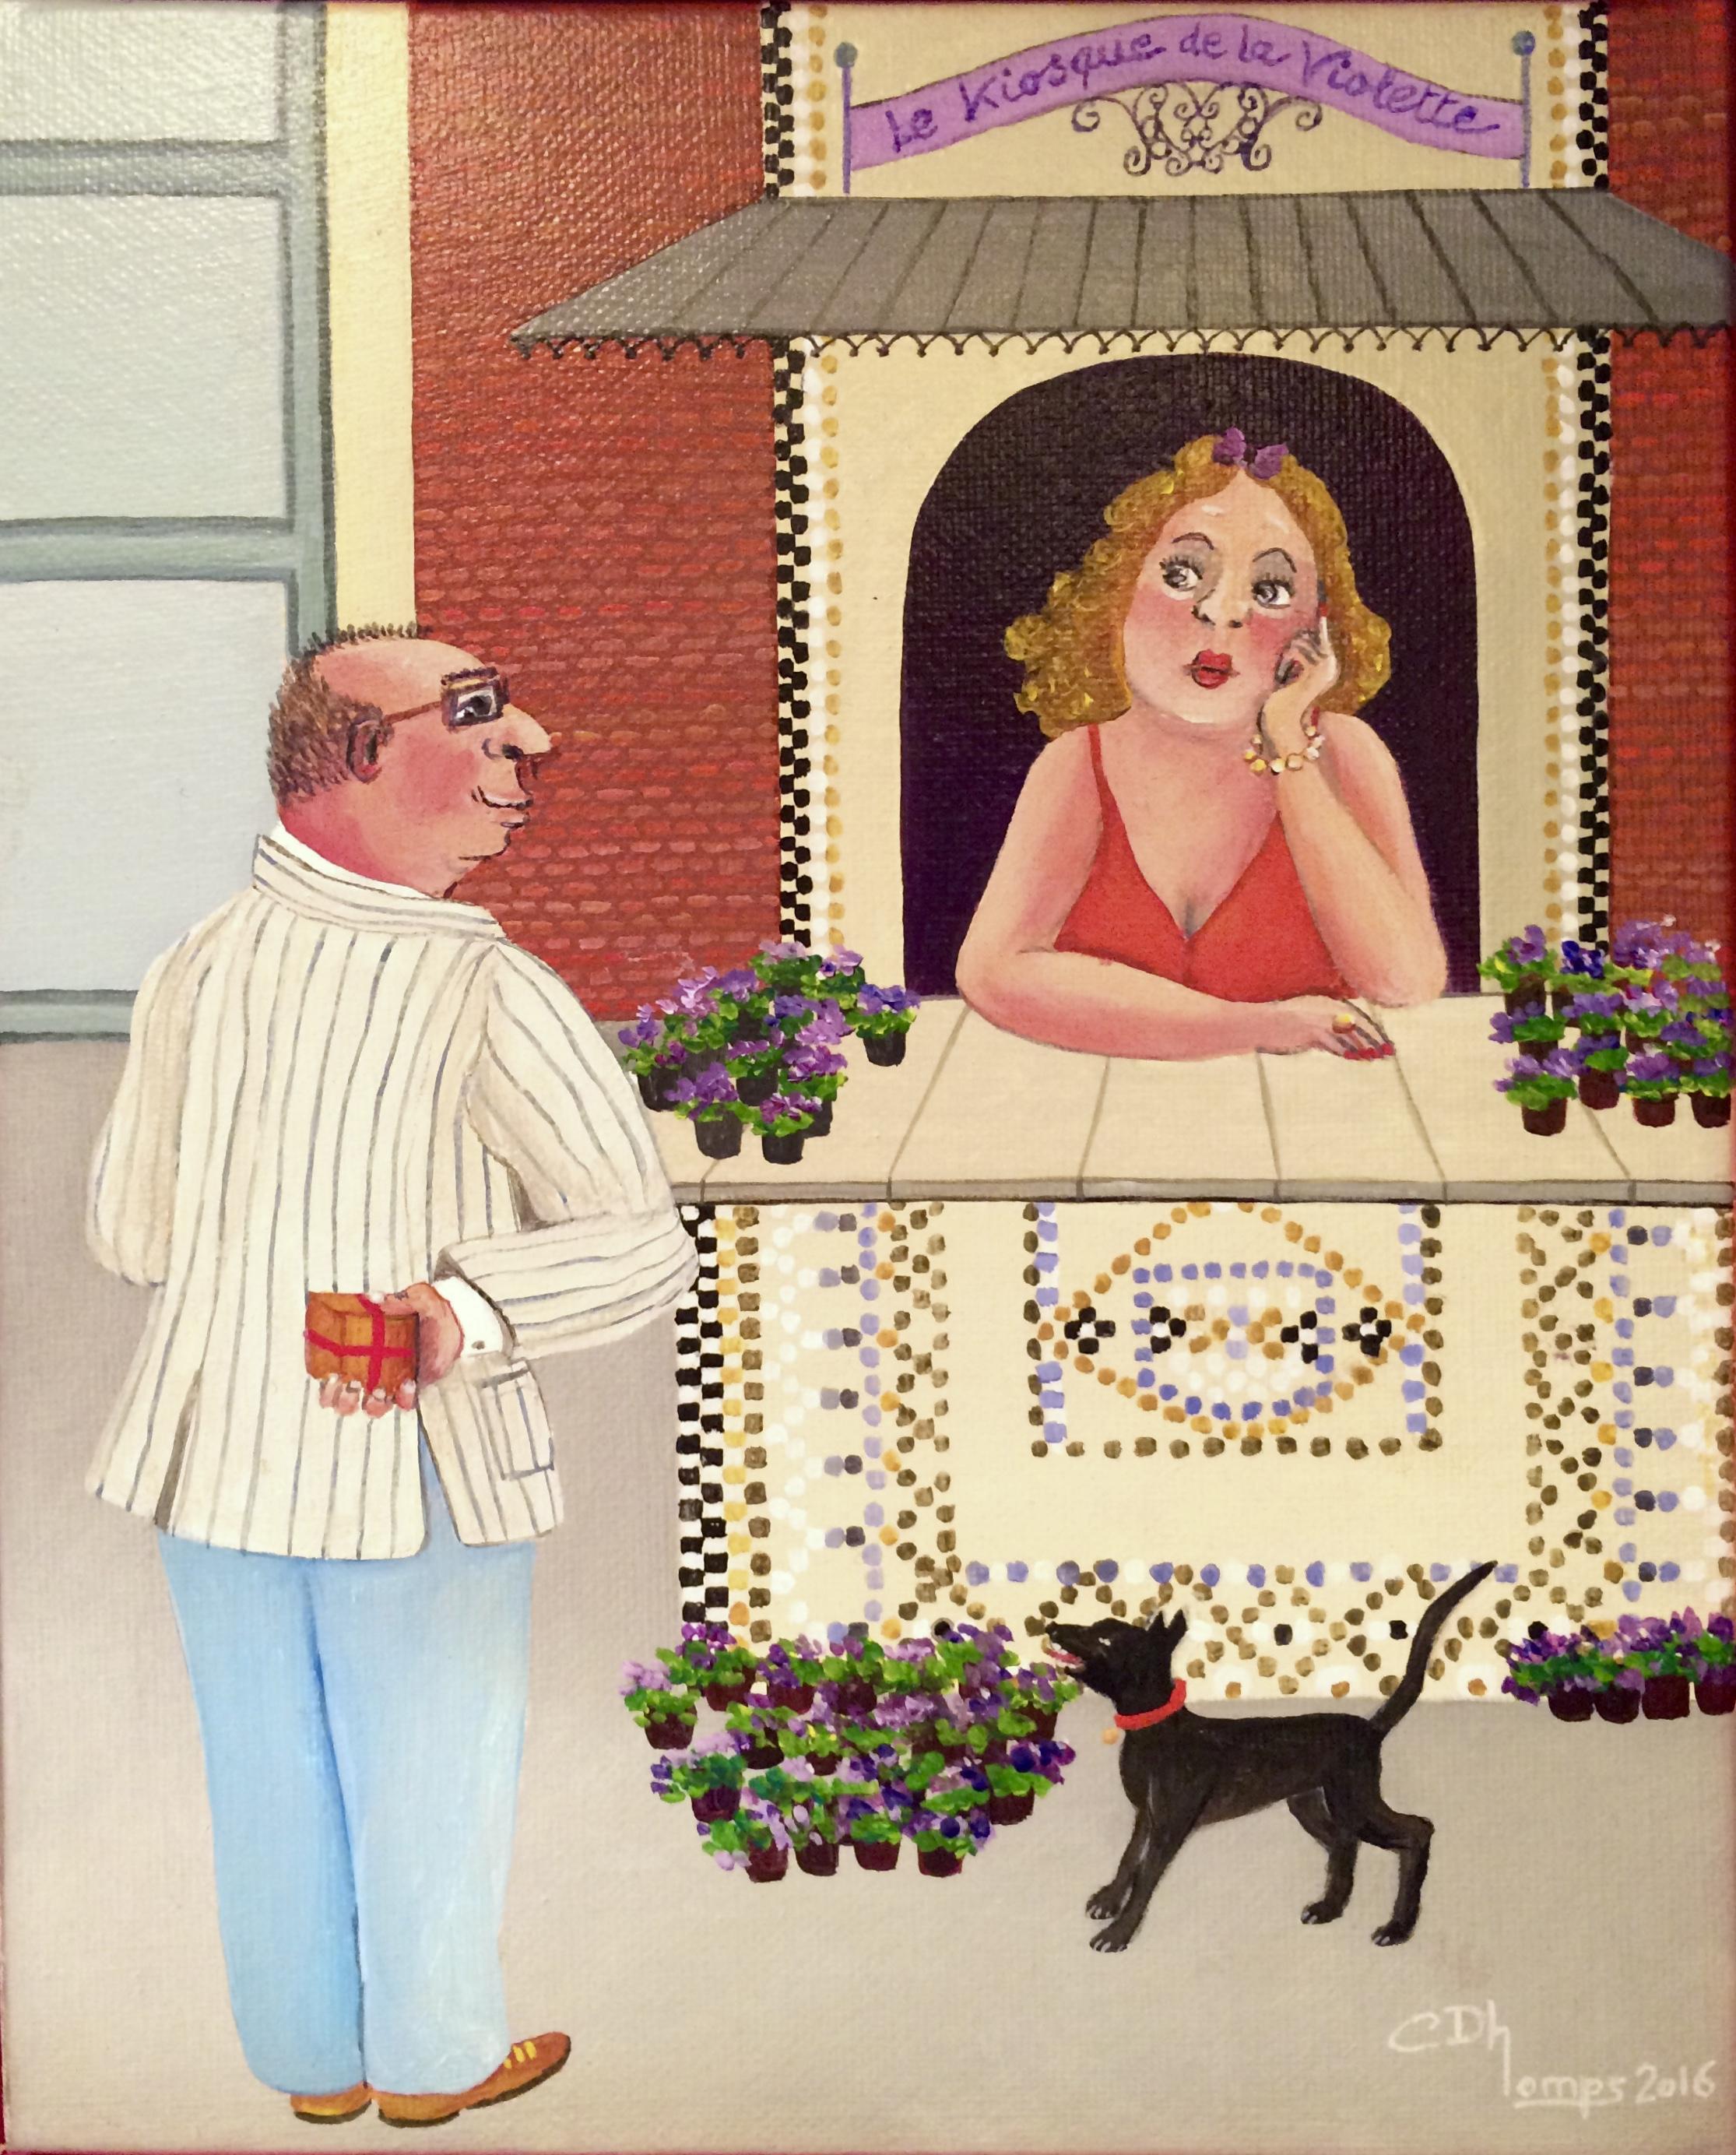 Le kiosque de la violette